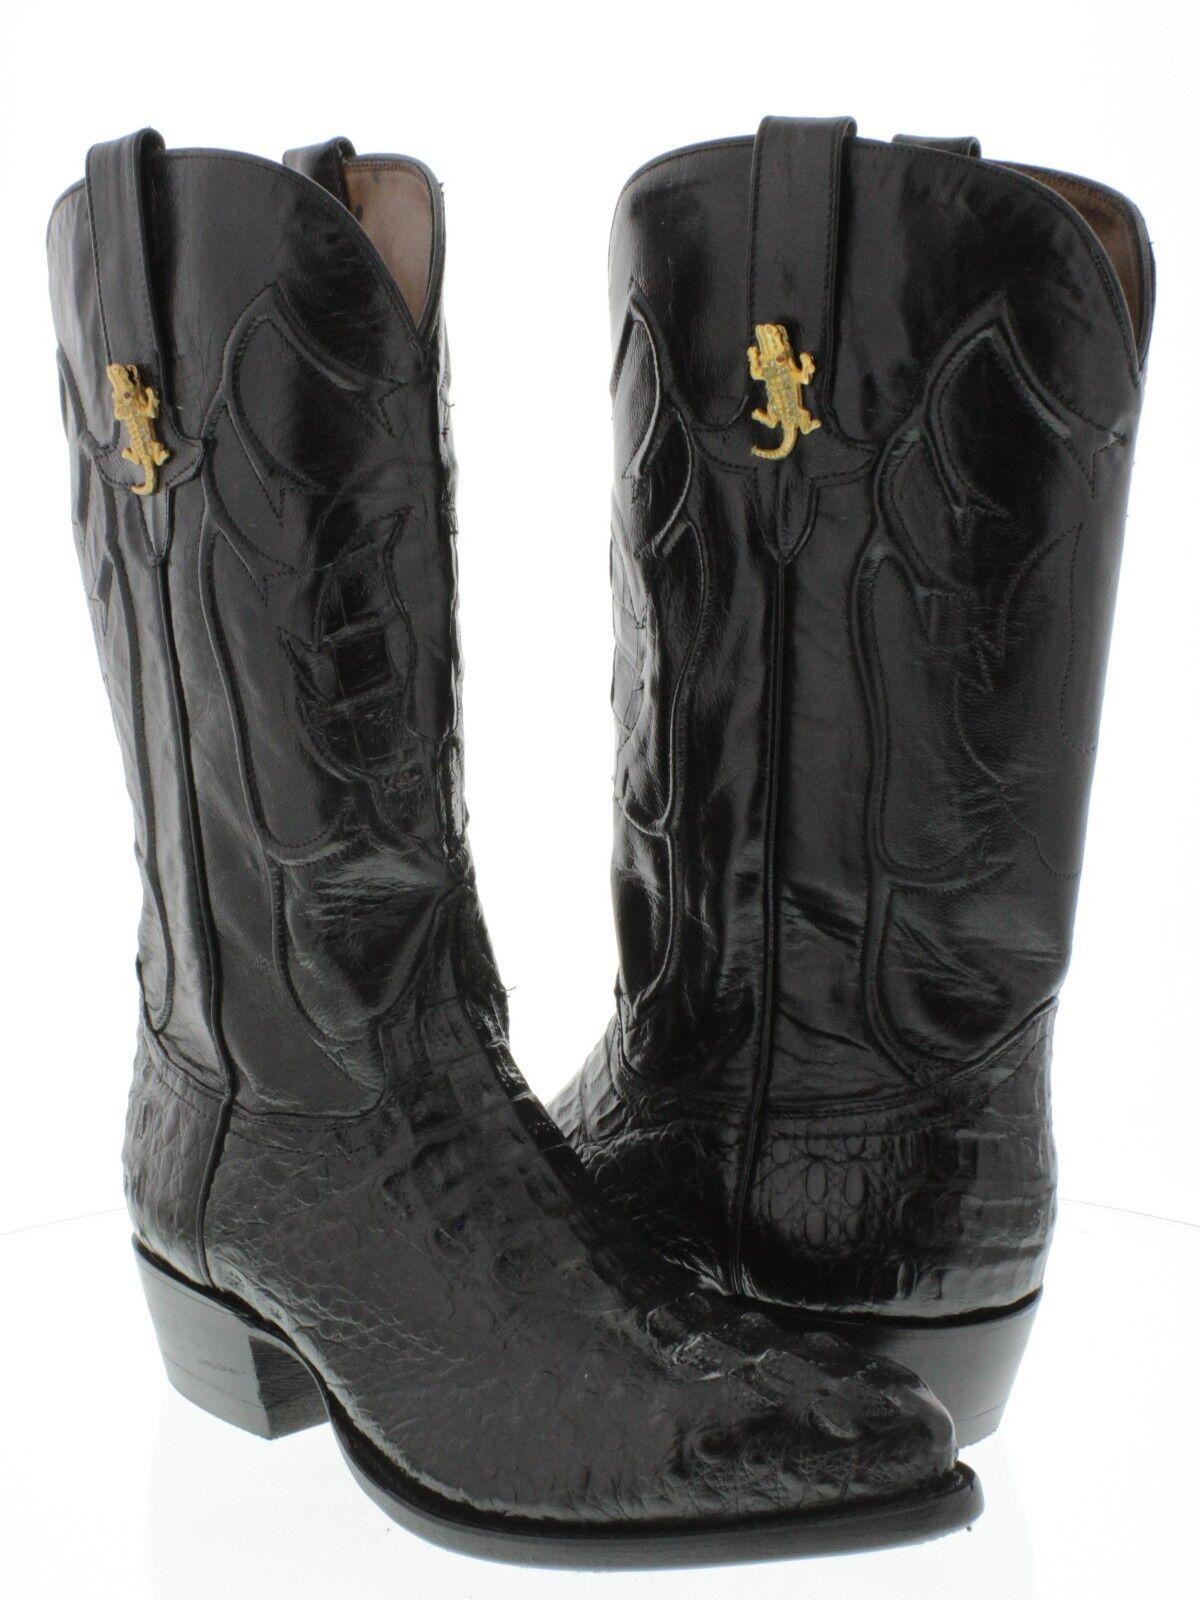 Cabeza De Cocodrilo Cocodrilo Genuino Hombres negro botas de vaquero occidental J Toe Rodeo